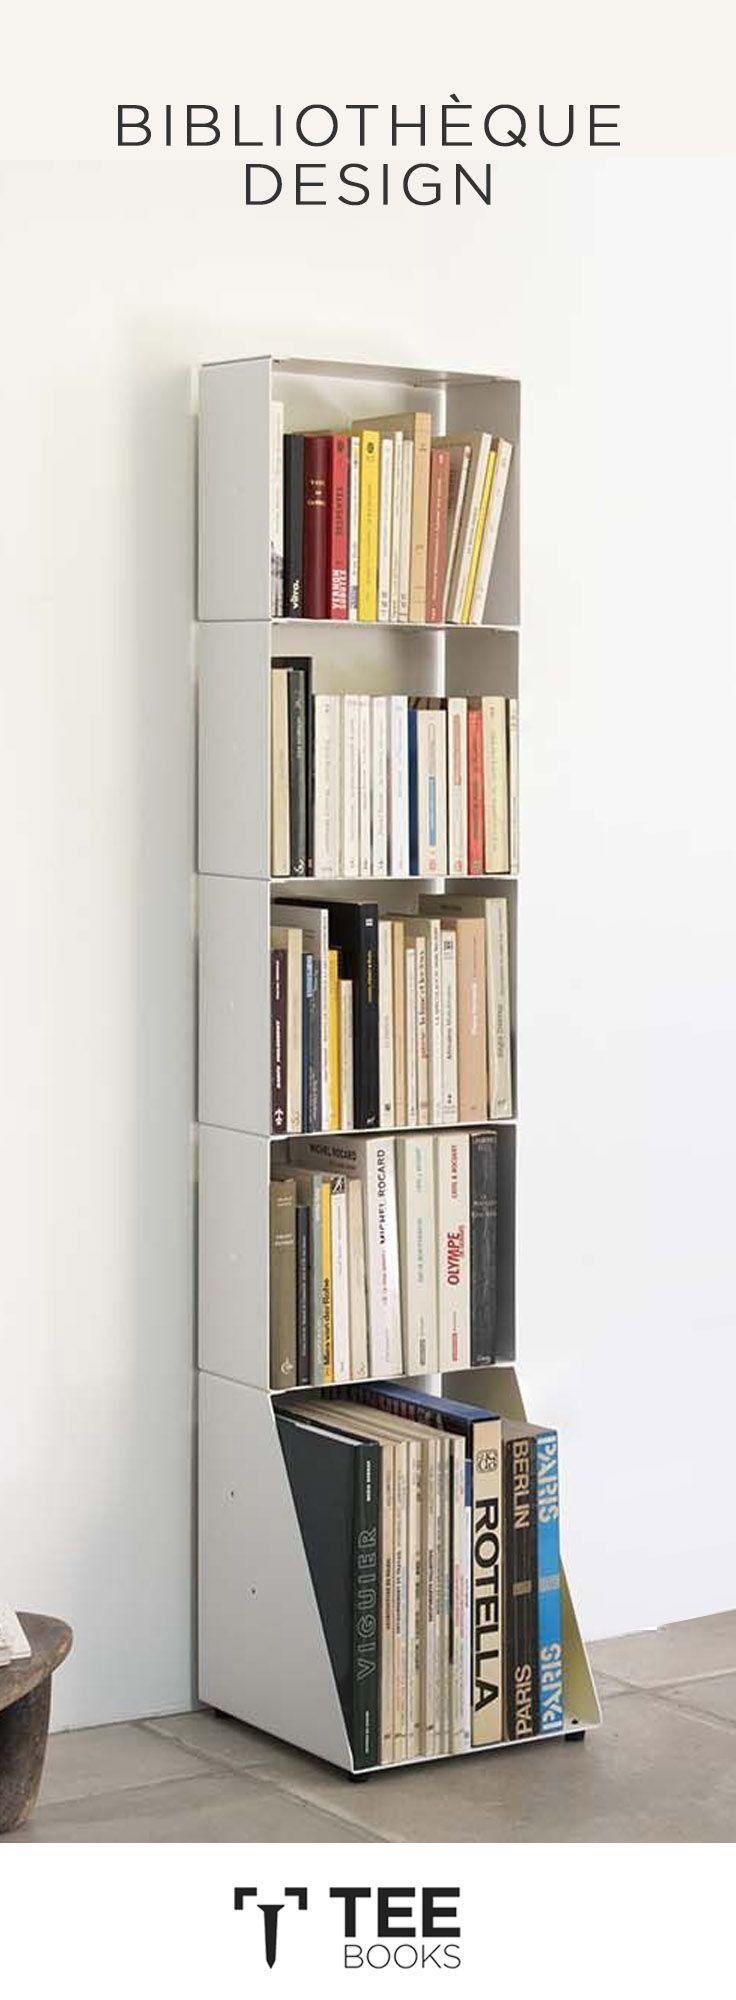 Exposez Vos Livres Et Ouvrages D Une Maniere Simple Originale Et Design Sur Les Bibliotheques Design 15 Cm De P Diy Deco Rangement Deco Maison Rangement Livre